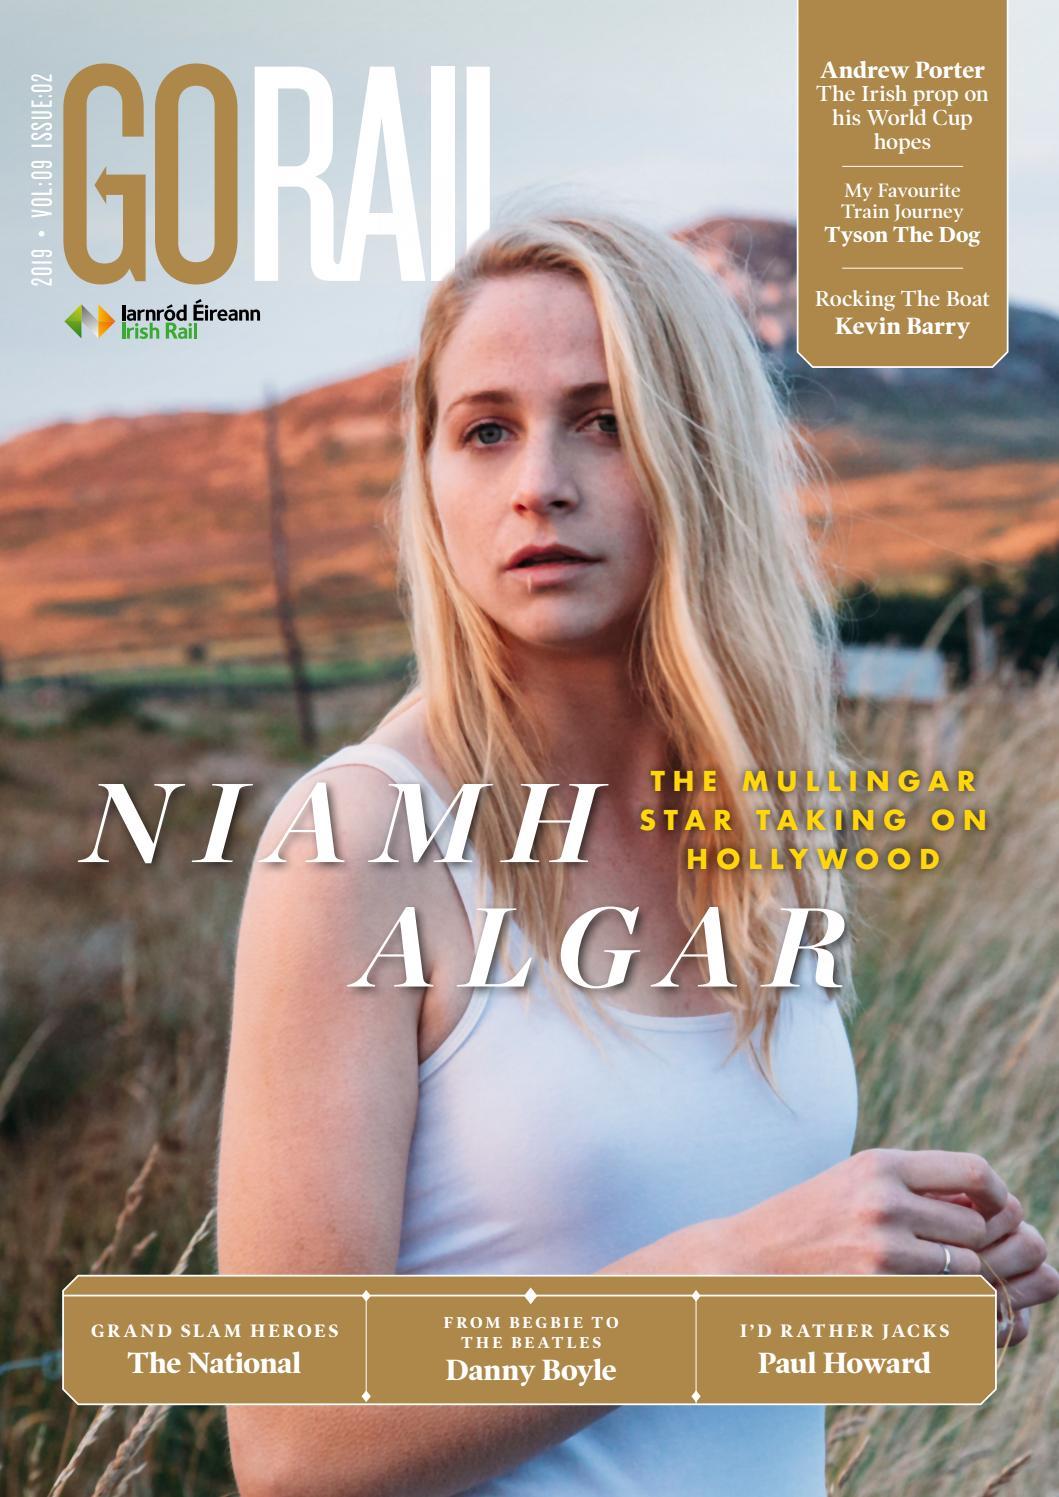 Go Rail 9-2: Featuring Niamh Algar by Hot Press Publishing